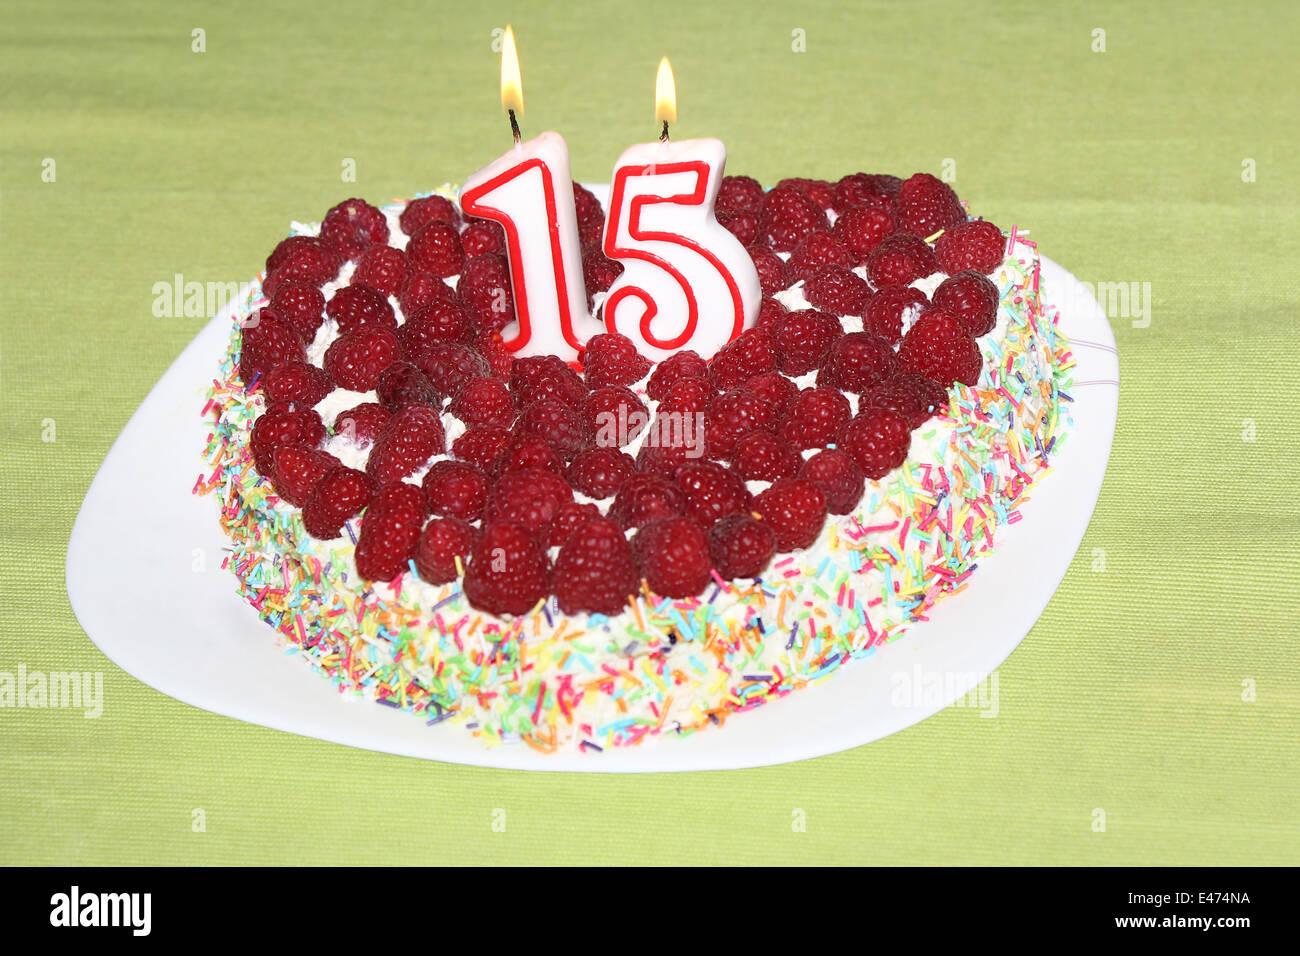 Brennende Geburtstag Kerzen Nummer 15 Auf Himbeer Kuchen Stockbild